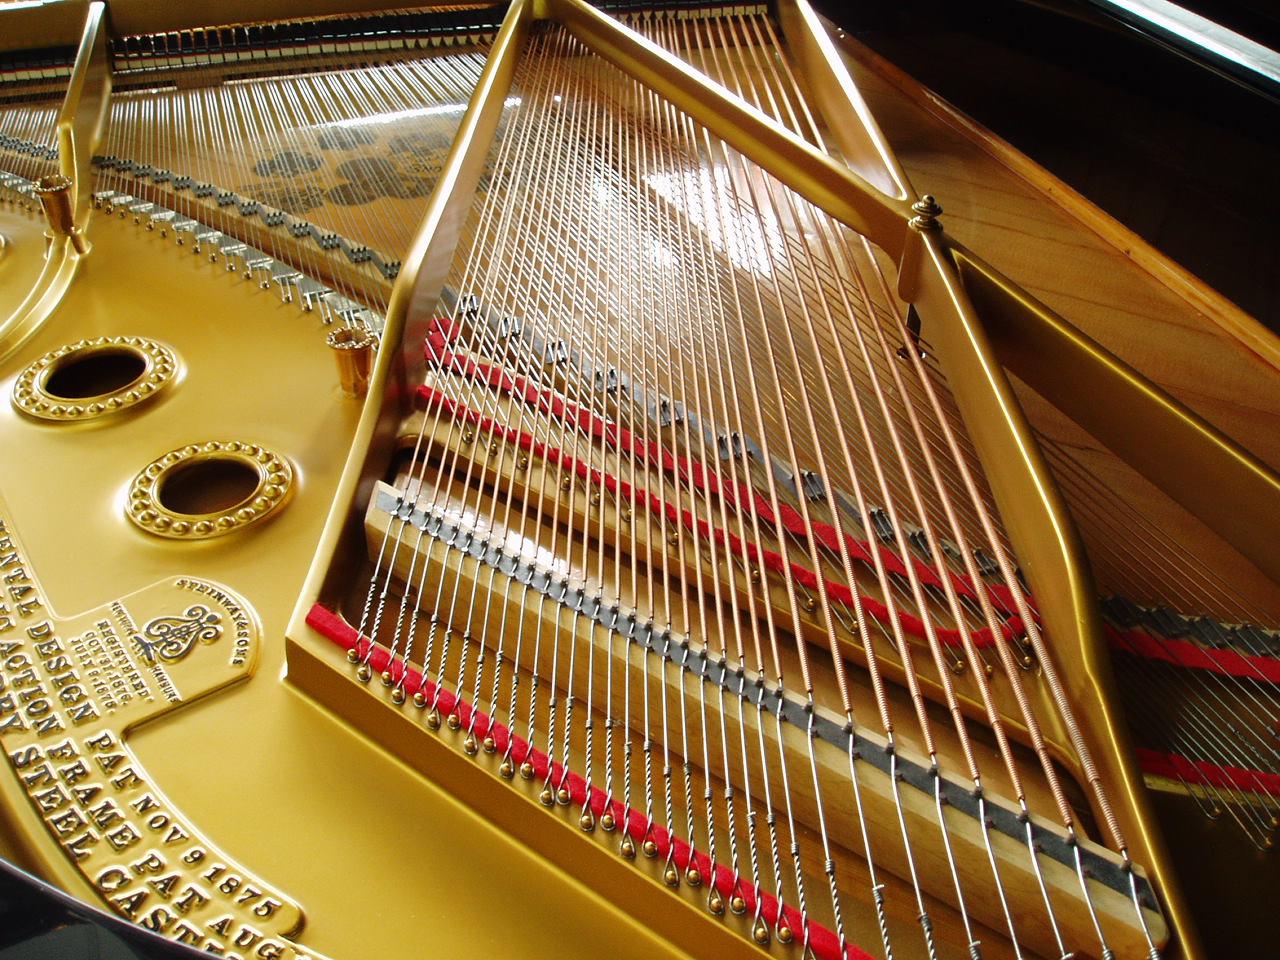 Kawai Upright Piano >> Weng Lee Music Blog » Piano Rebuild